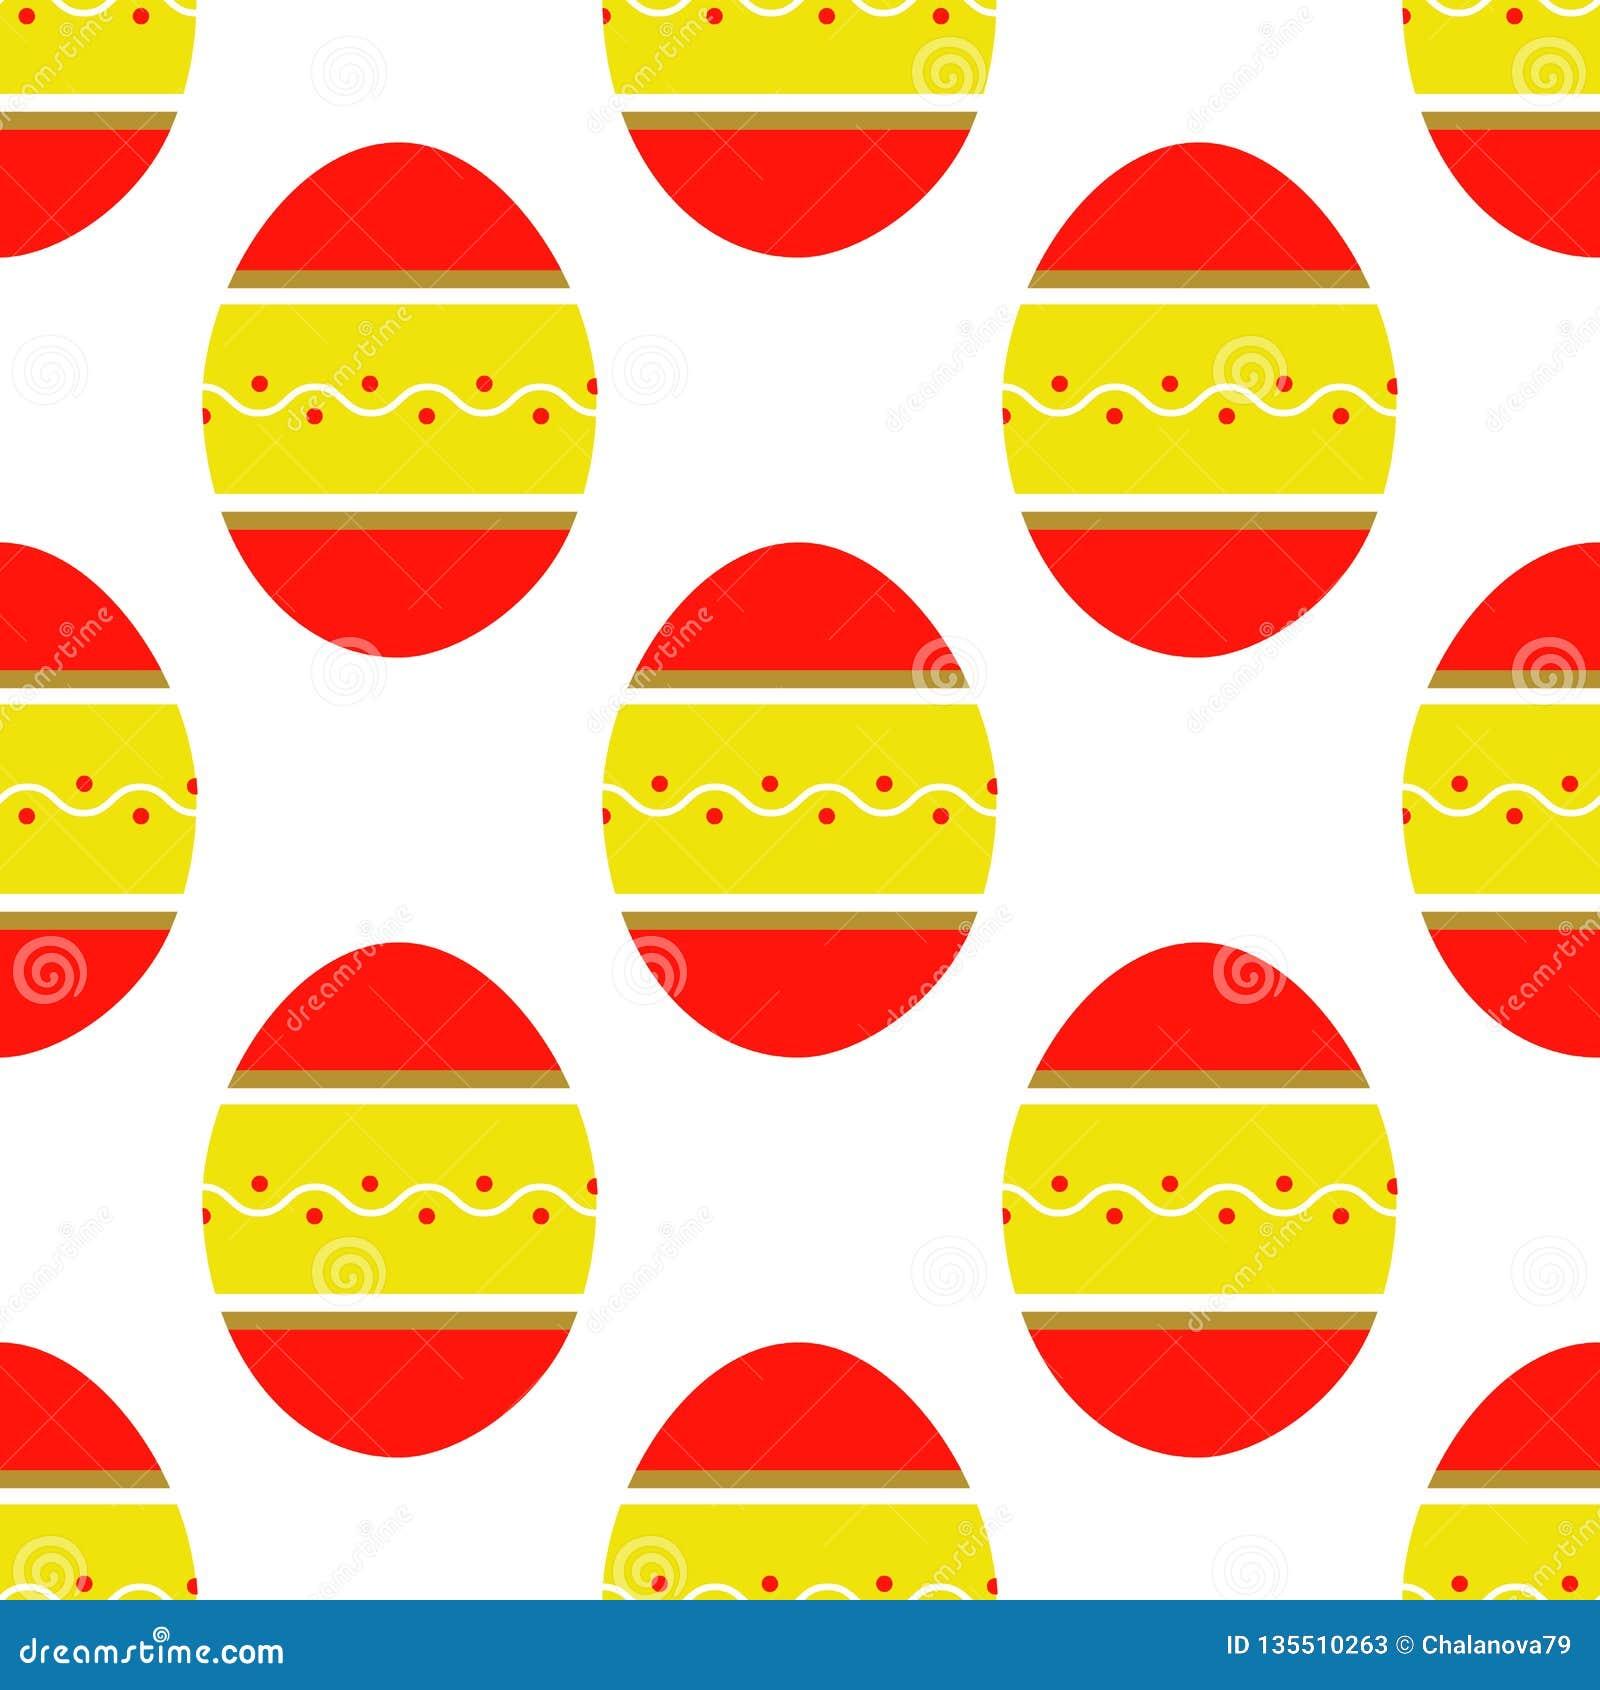 Άνευ ραφής σχέδιο των ζωηρόχρωμων φωτεινών διακοσμημένων αυγών